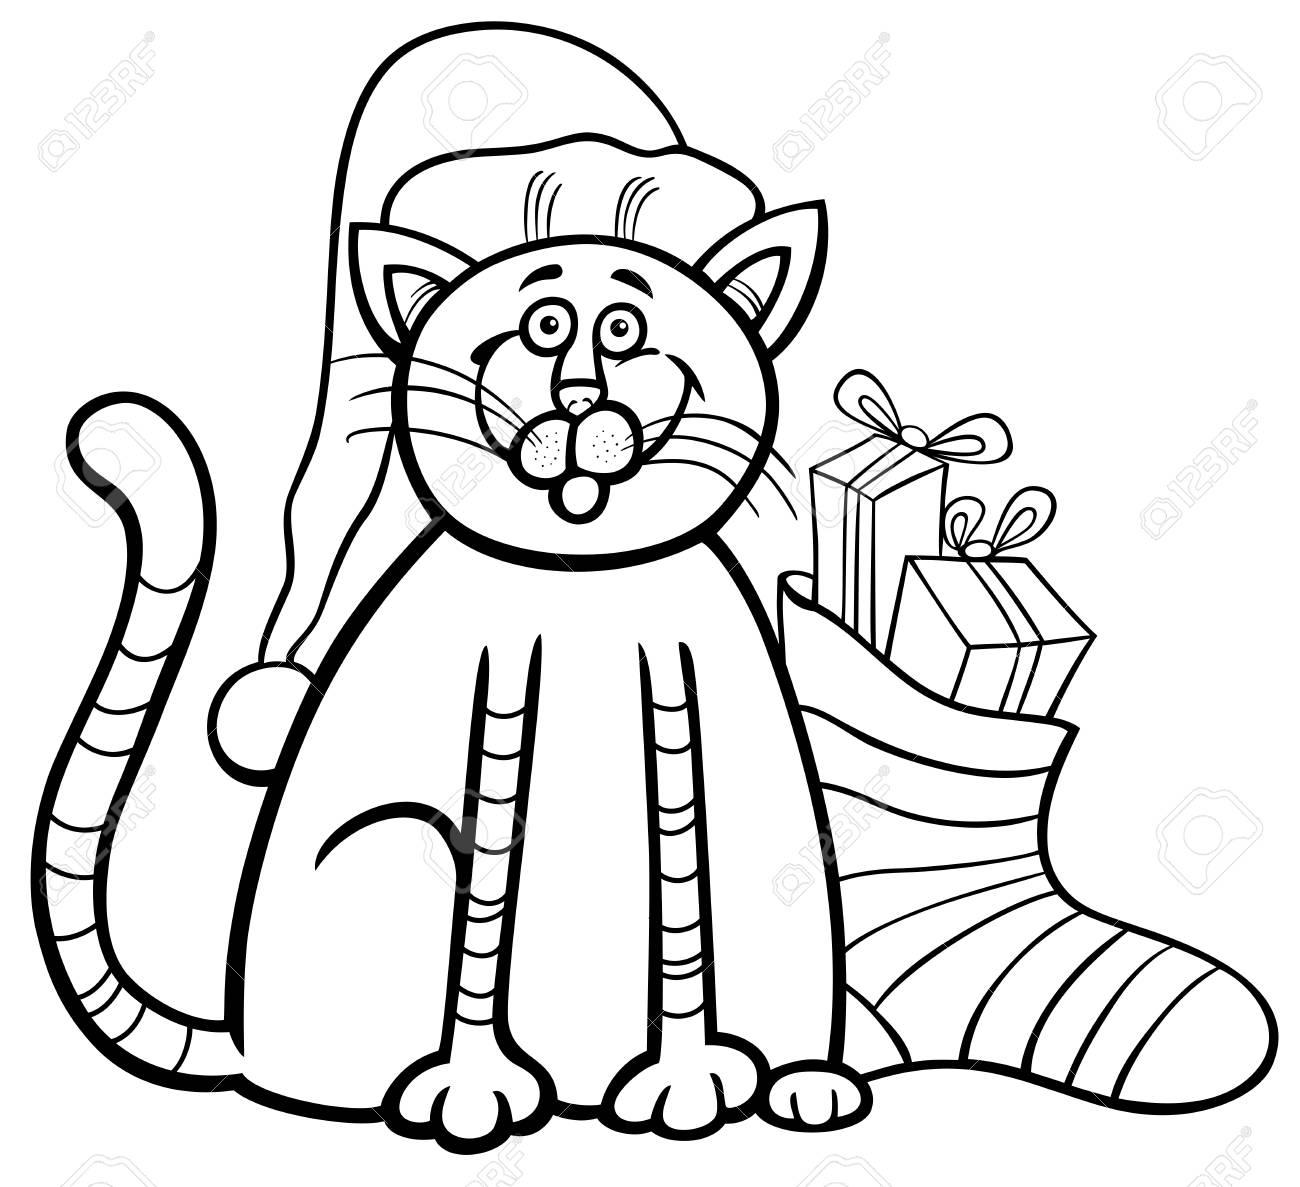 猫や子猫の動物キャラクターと塗り絵のプレゼントとクリスマス靴下の黒と